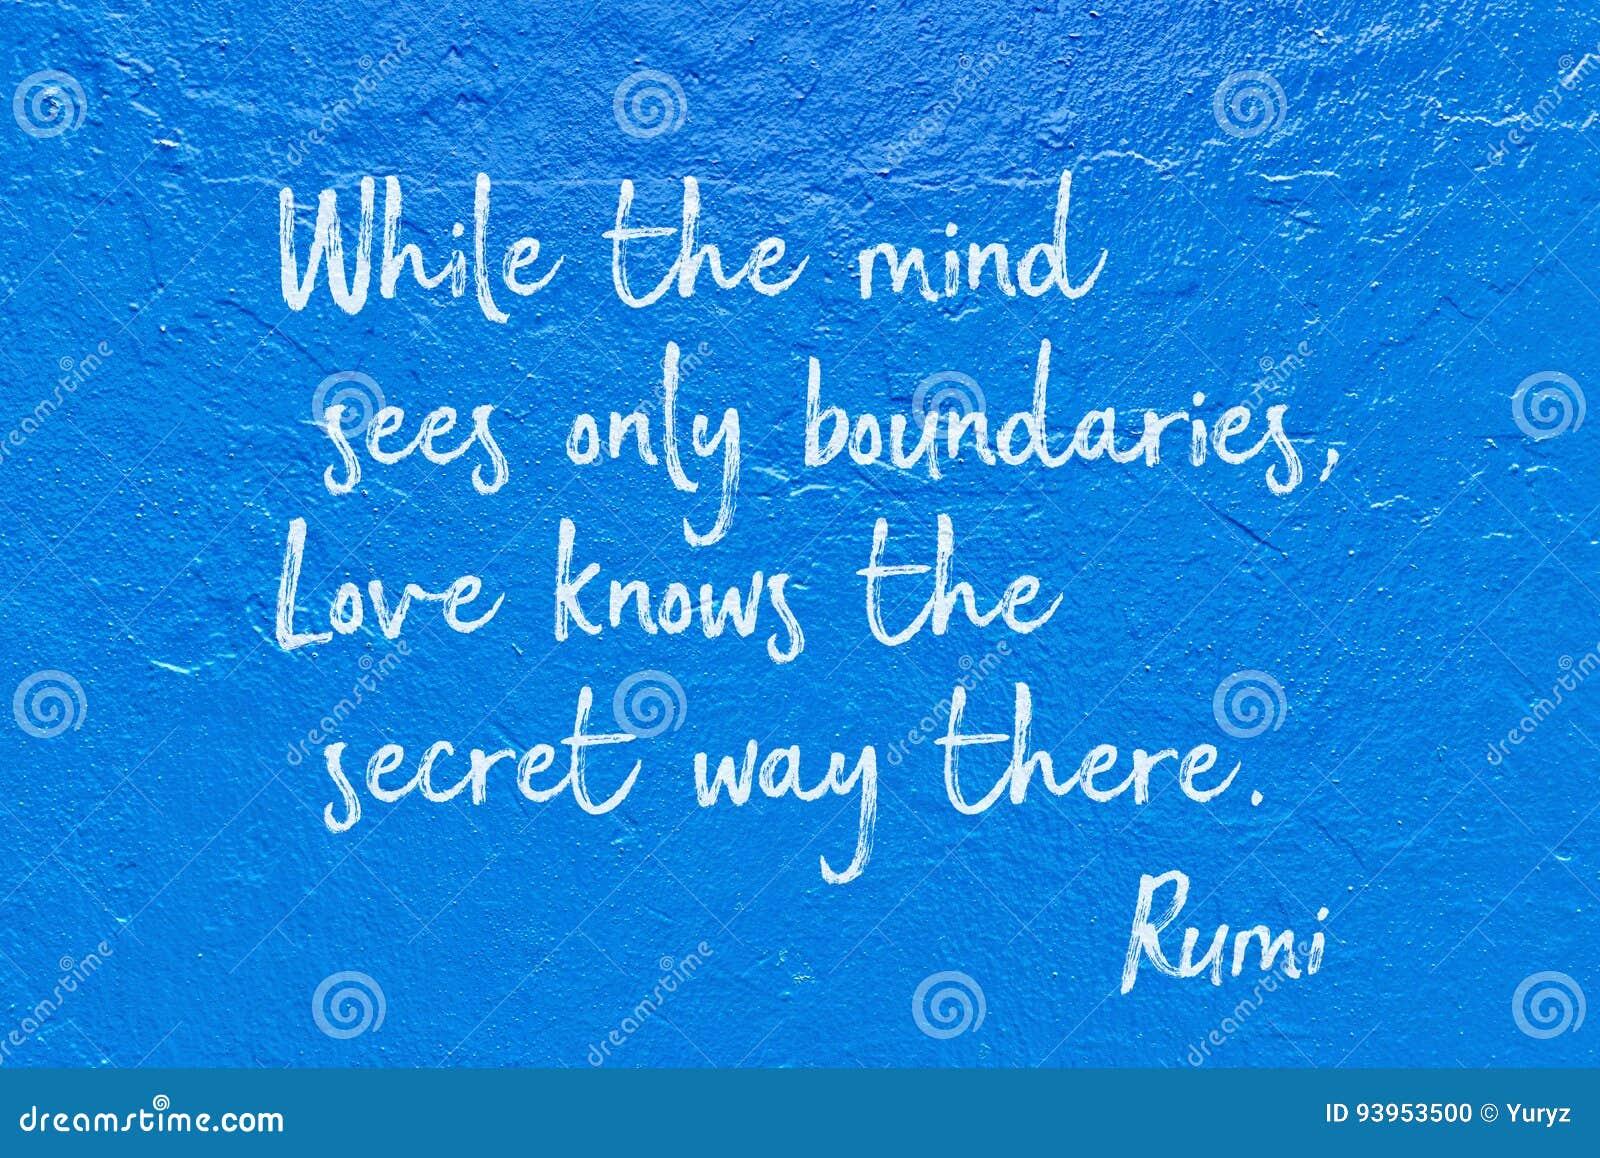 Citaten Rumi Rumit : Rumi cartoons illustrations vector stock images